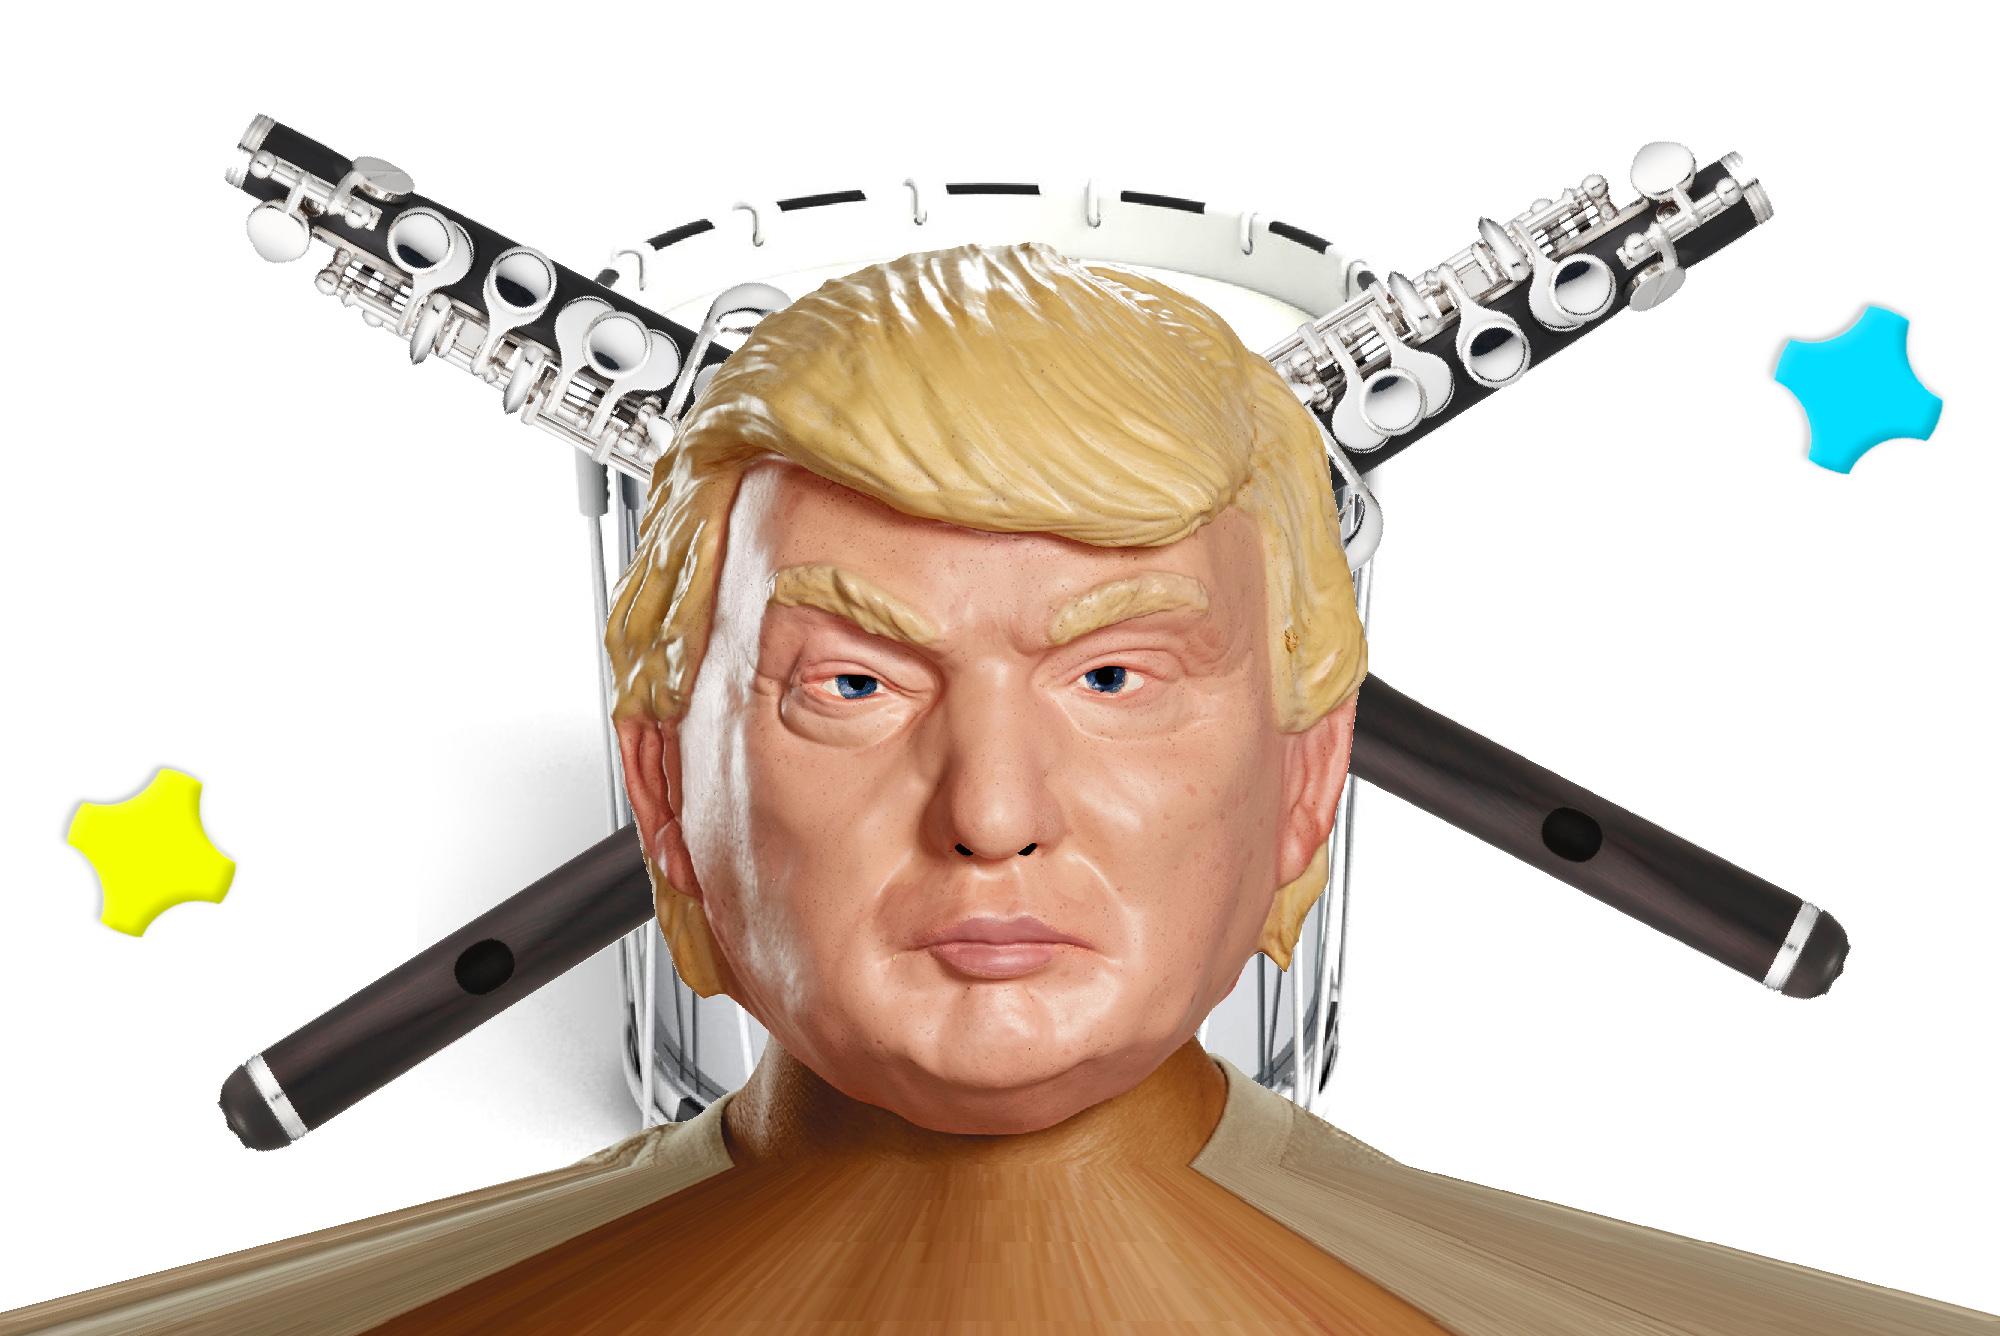 Ein bisschen dürfte auch er die Sujets beeinflusst haben: Auch wenn es nach He-Man aussieht, es ist US-Präsident Donald Trump.